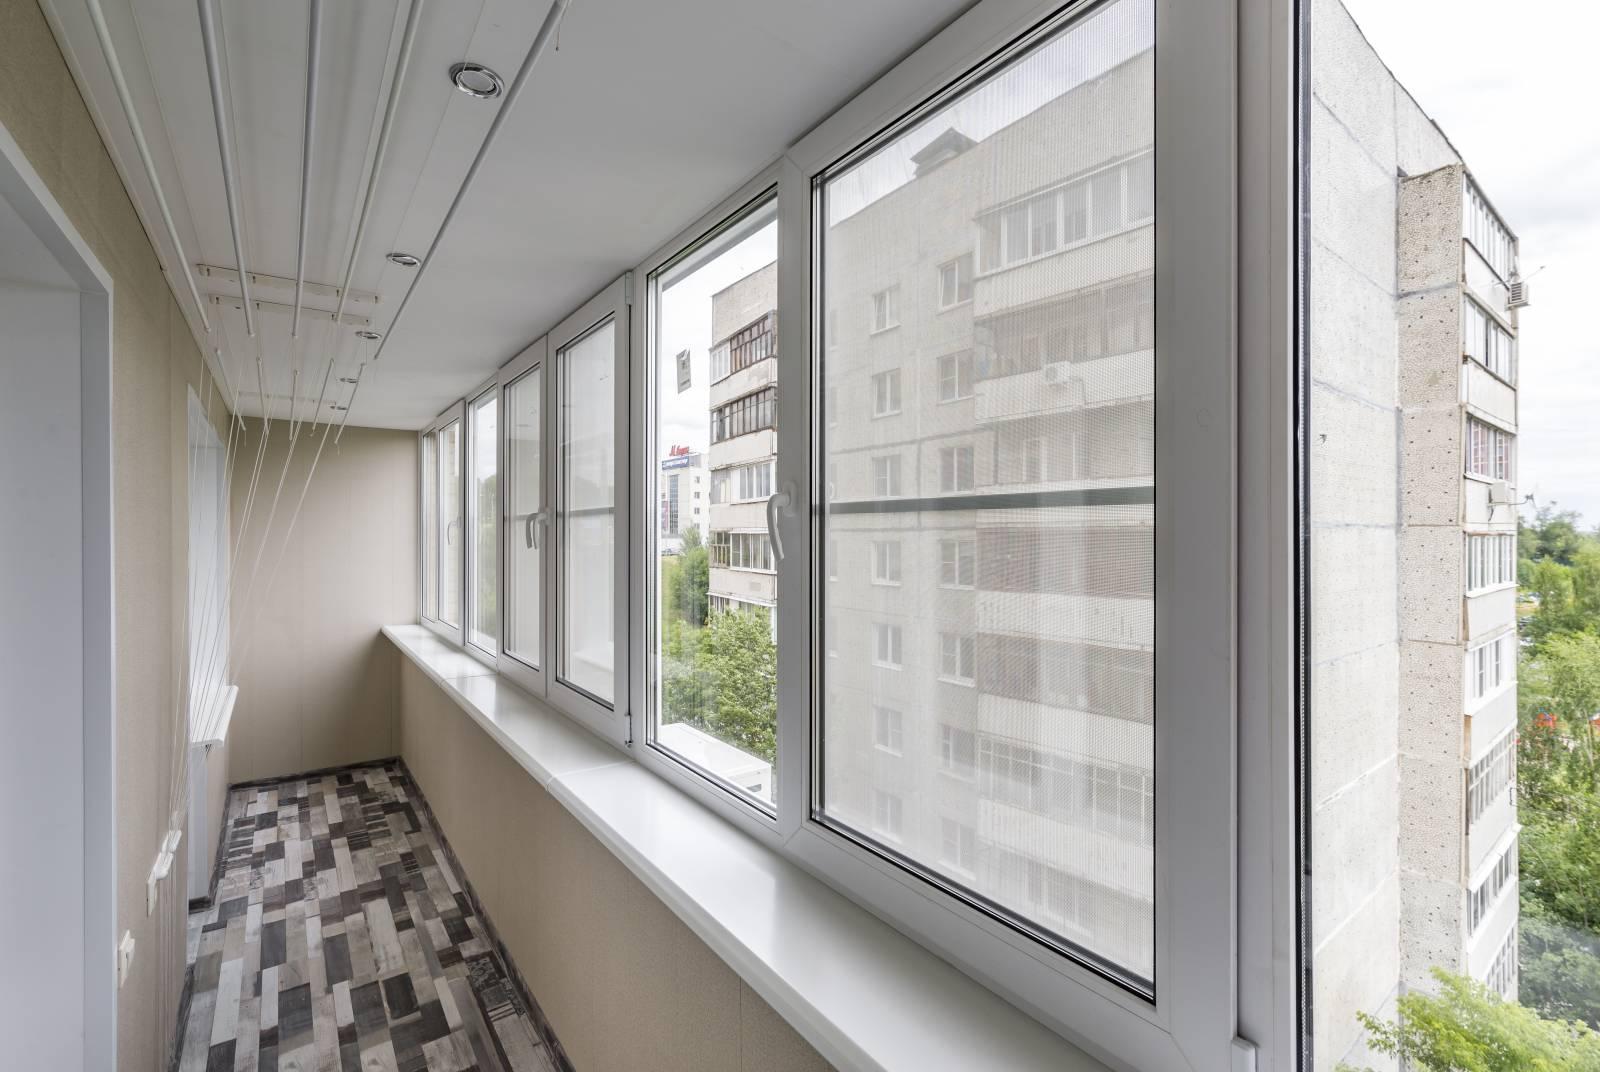 Самый выгодный вариант - выбирать утепление, остекление и отделку балкона «под ключ». Это позволяет сэкономить до 40%!